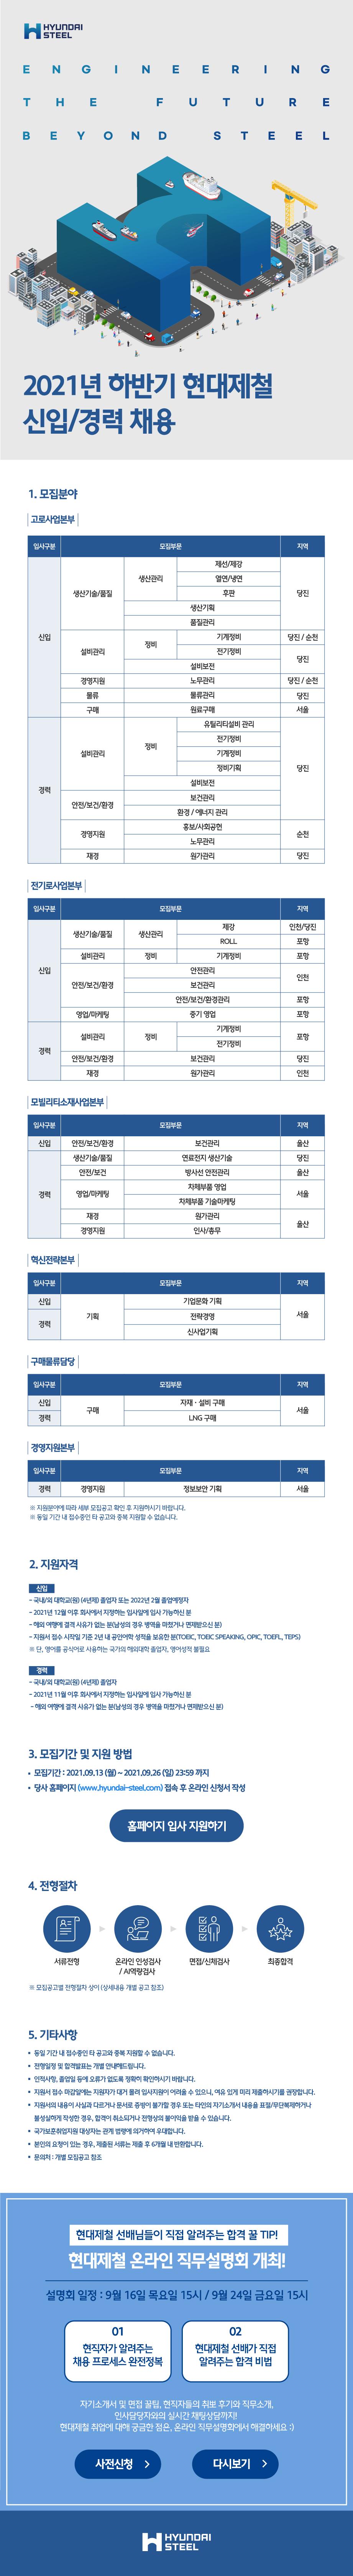 2021_하반기_현대제철신입경력_채용모집공고.png